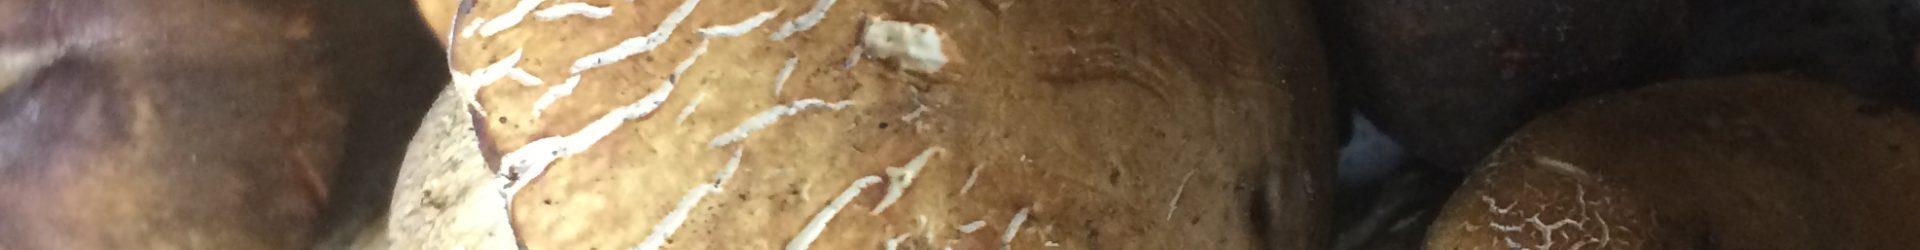 Specialità funghi porcini